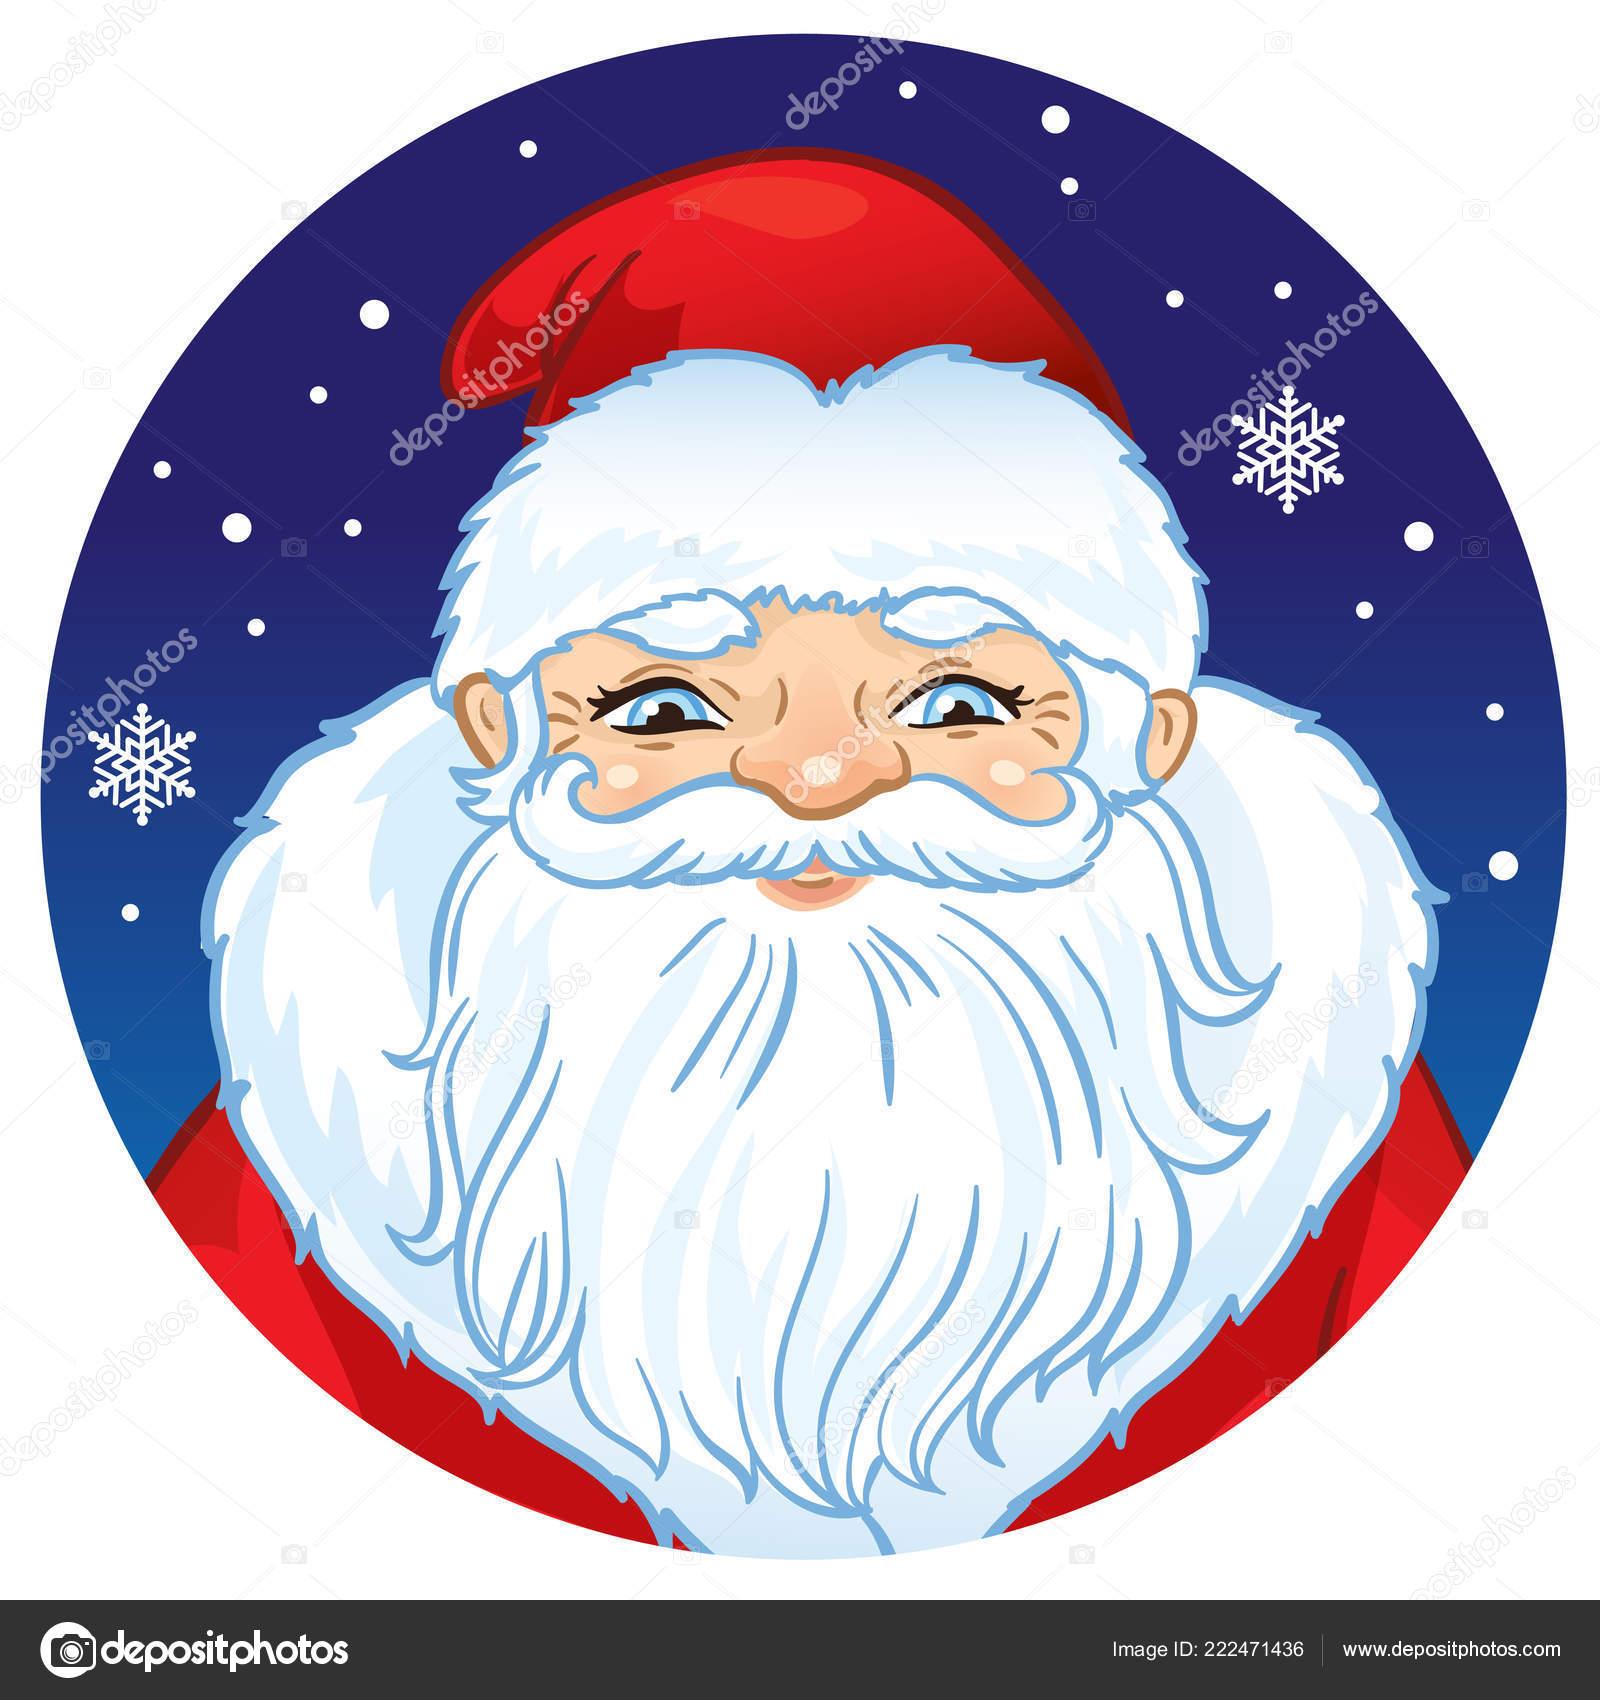 ᐈ Деду морозу иллюстрация, рисунки дед мороз русский | скачать на  Depositphotos®